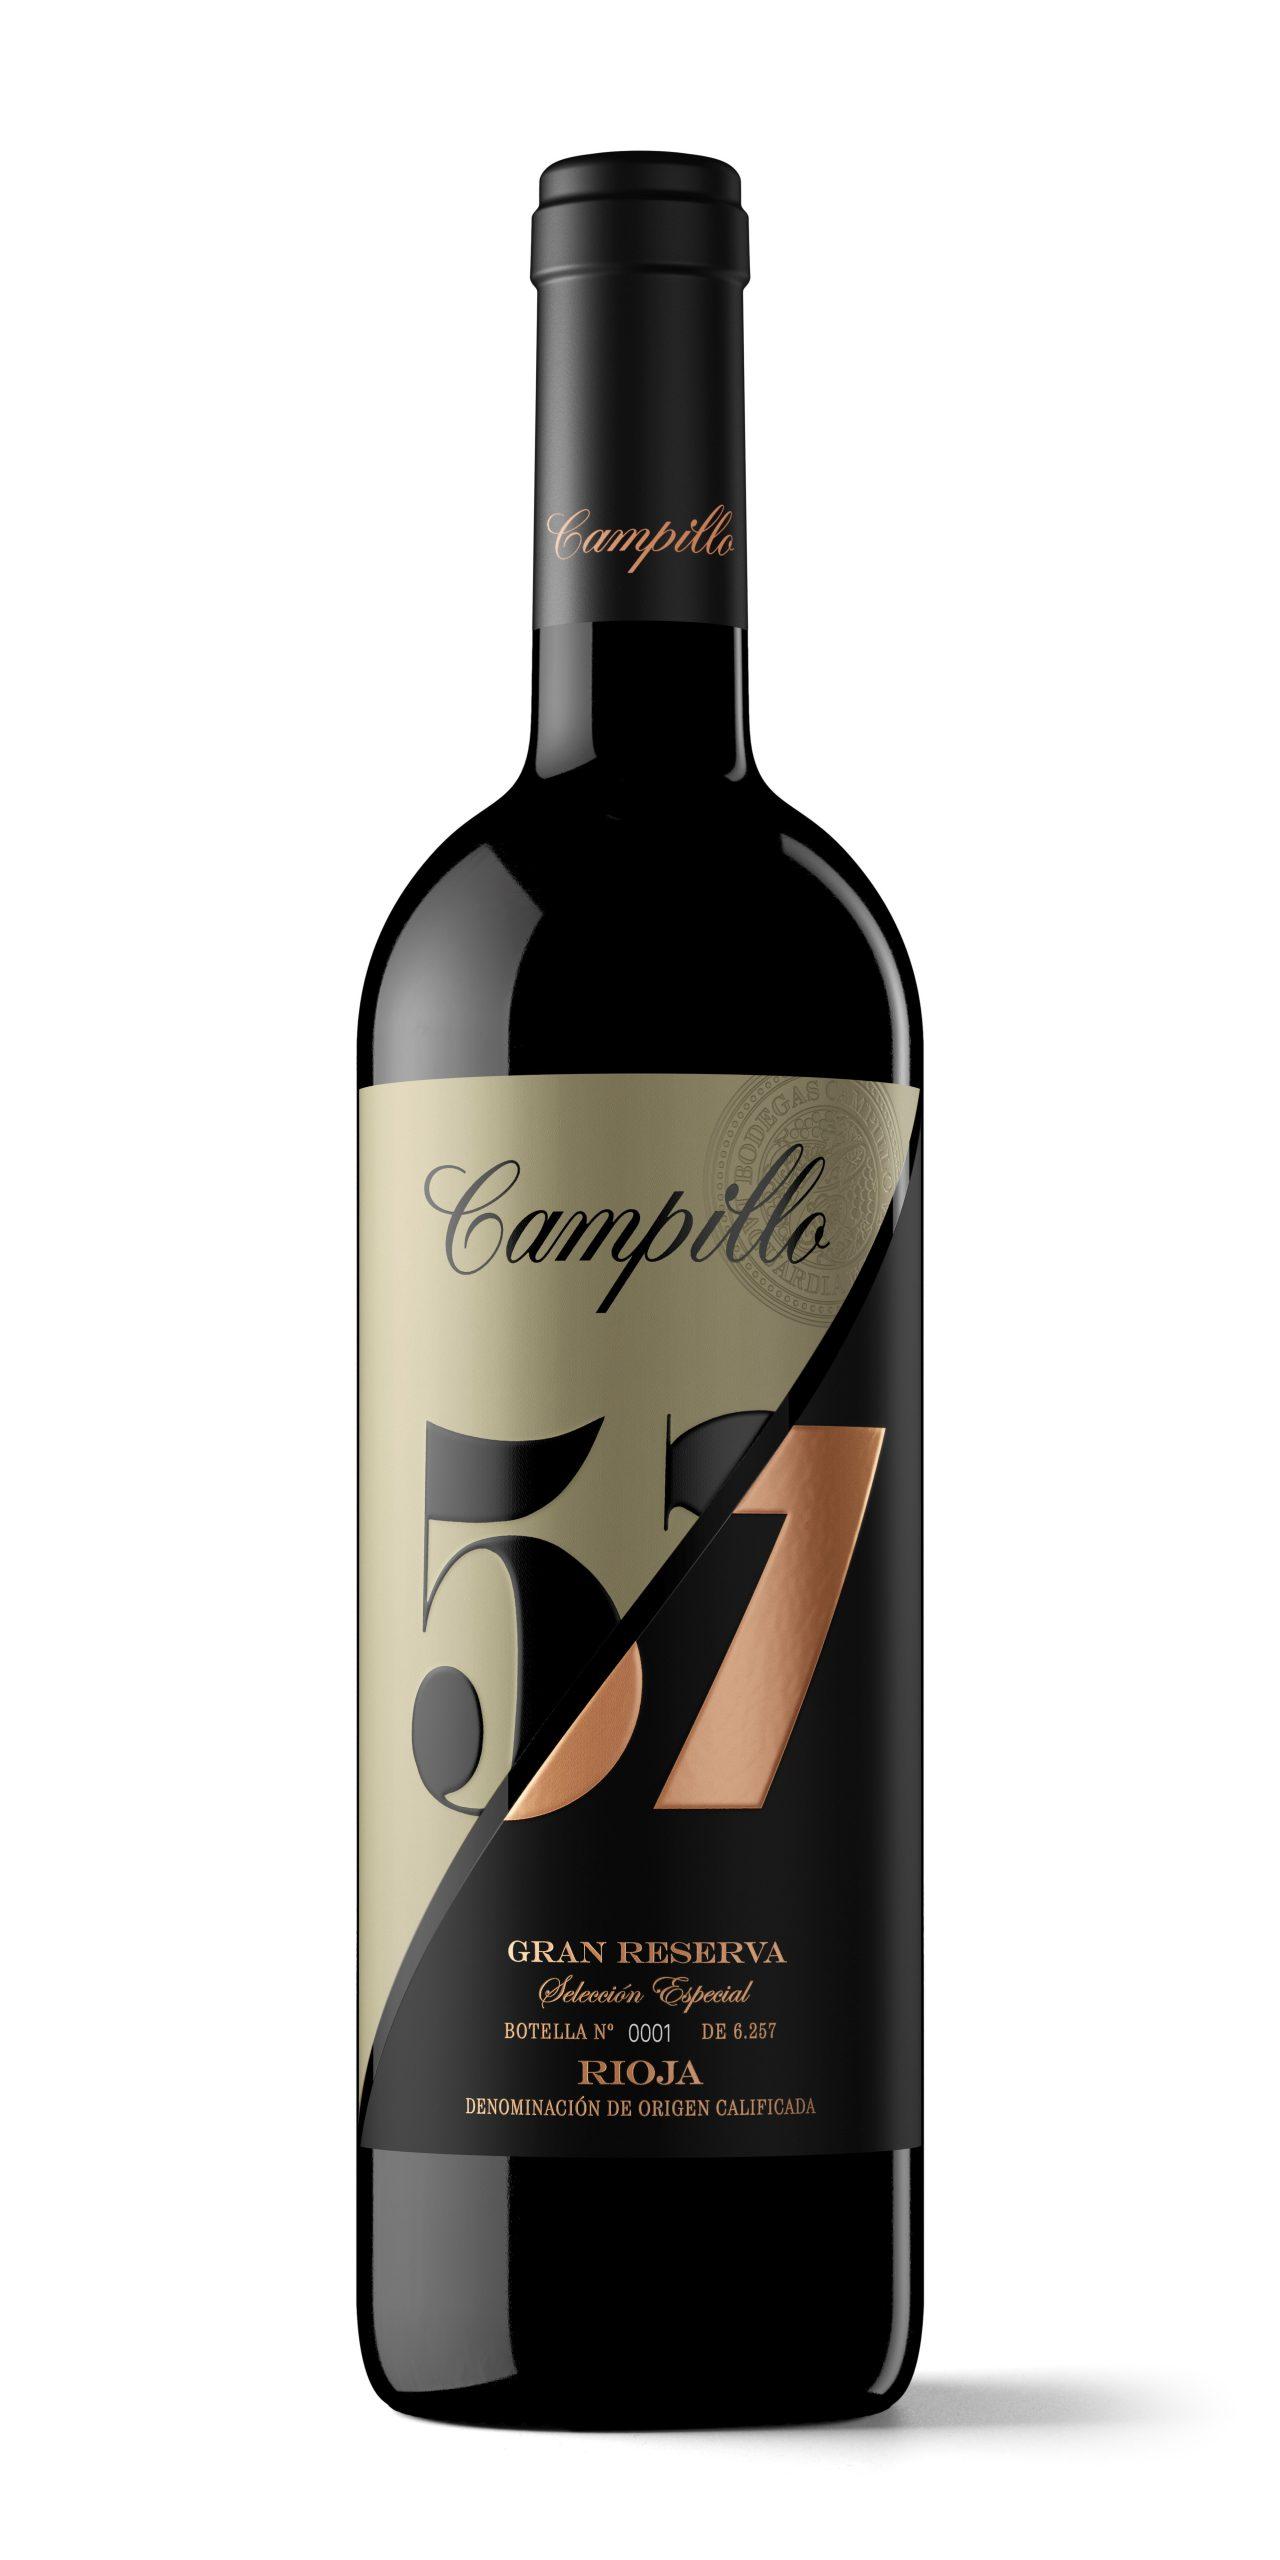 Campillo 57